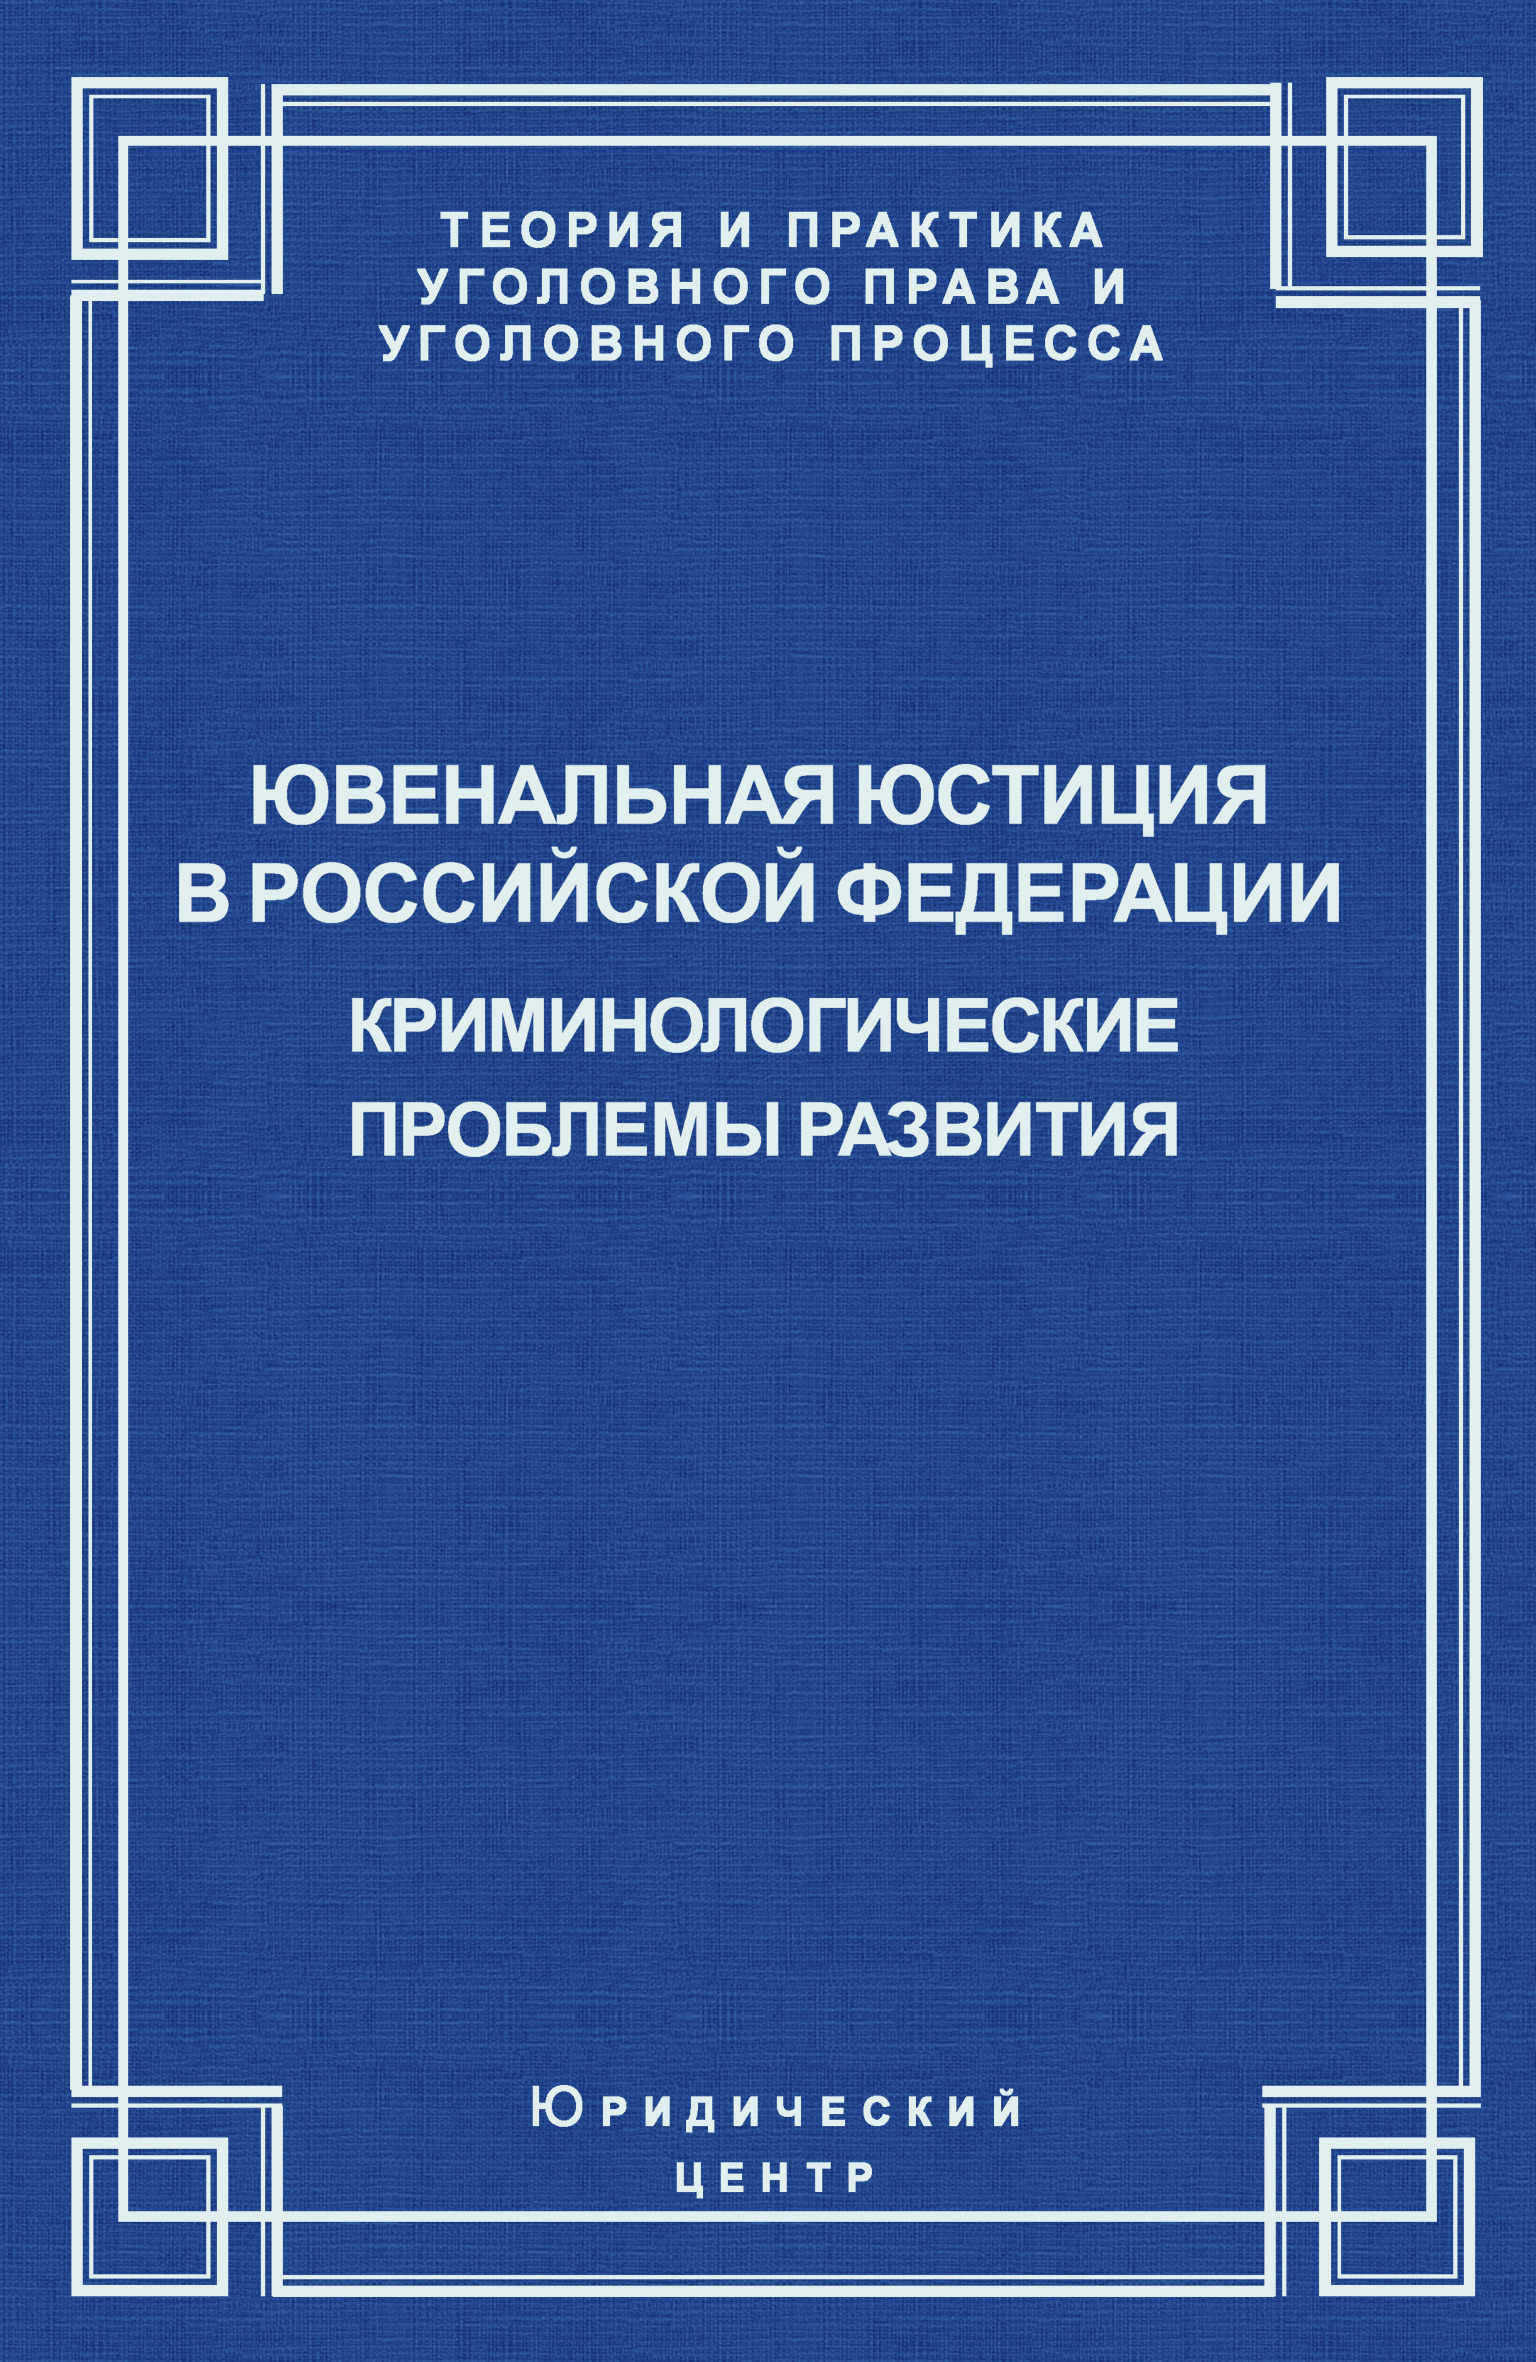 Ювенальная юстиция в Российской Федерации. Криминологические проблемы развития